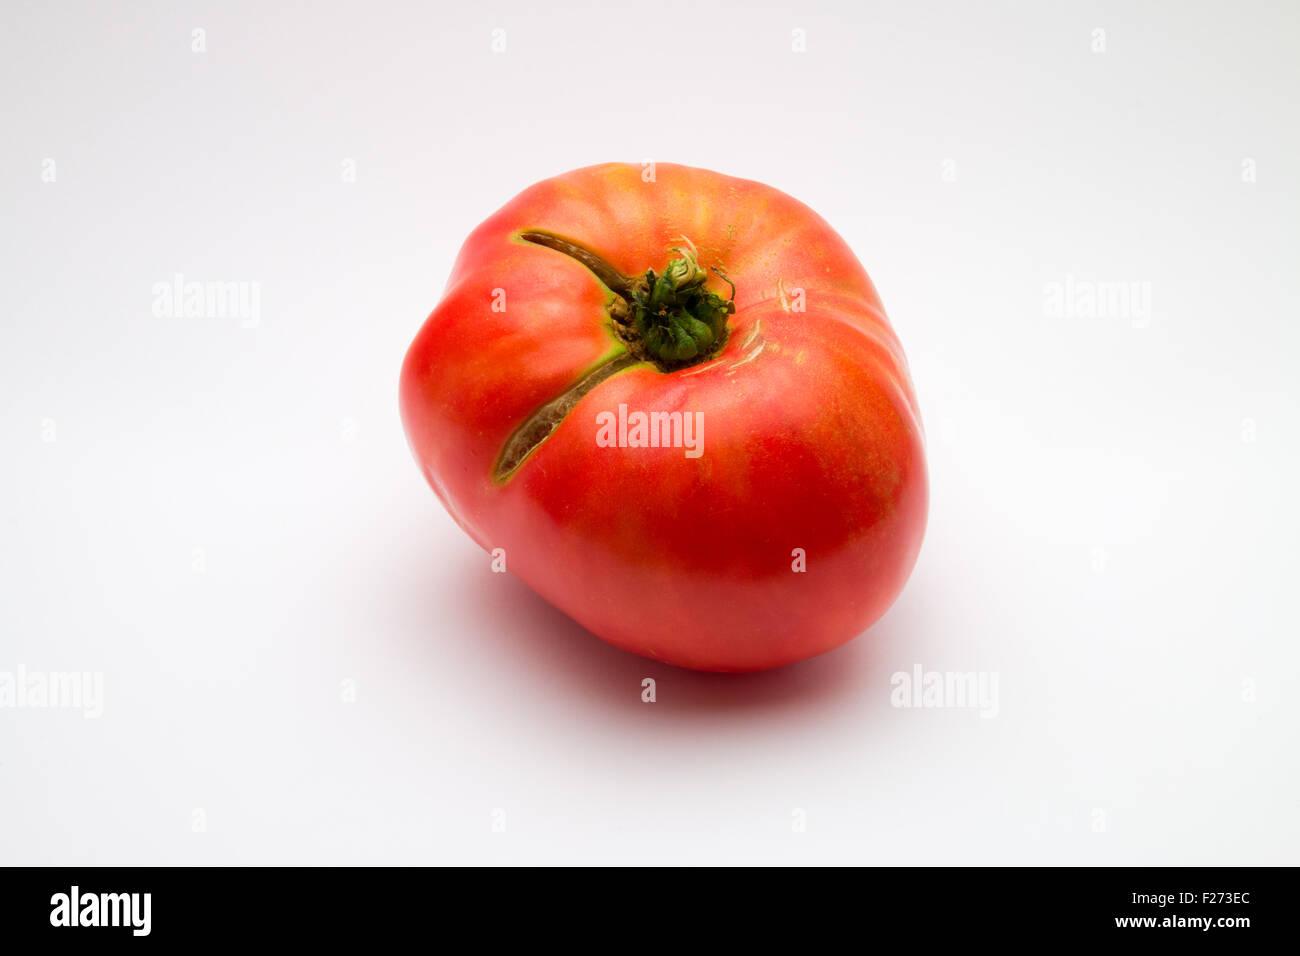 Large, imperfect brandywine tomato (Solanum lycopersicum) on white background - Stock Image